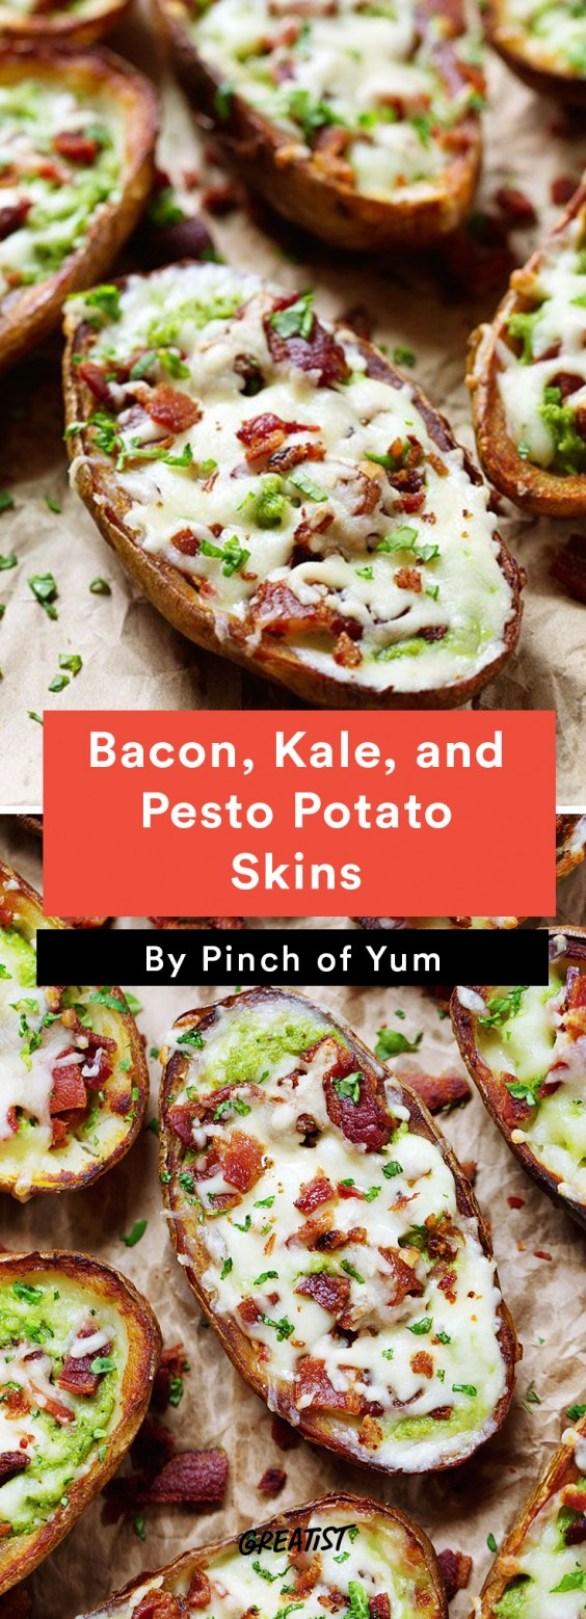 Bacon, Kale, and Pesto Baked Potato Skins